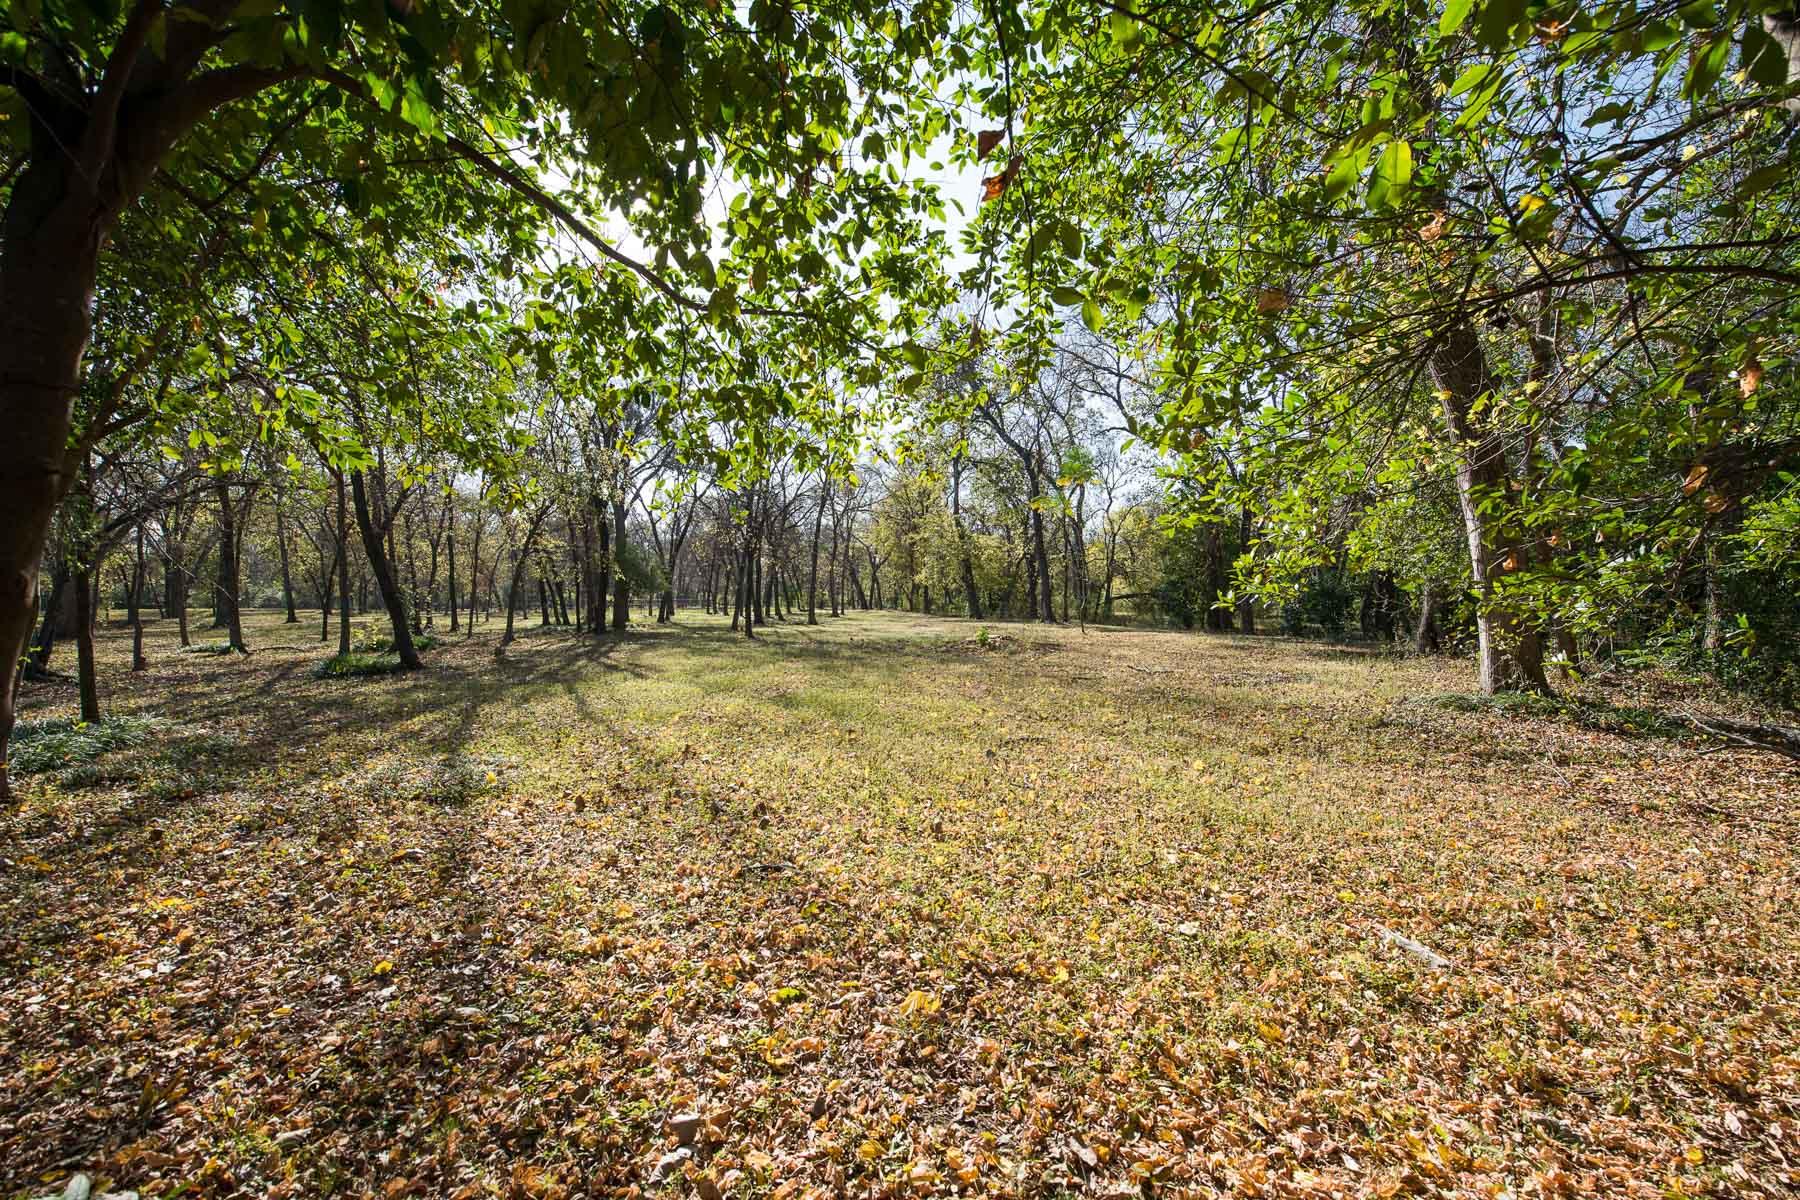 Terreno por un Venta en Over 11 heavily treed acres in the heart of Colleyville 1901 Oak Knoll Drive Colleyville, Texas 76034 Estados Unidos